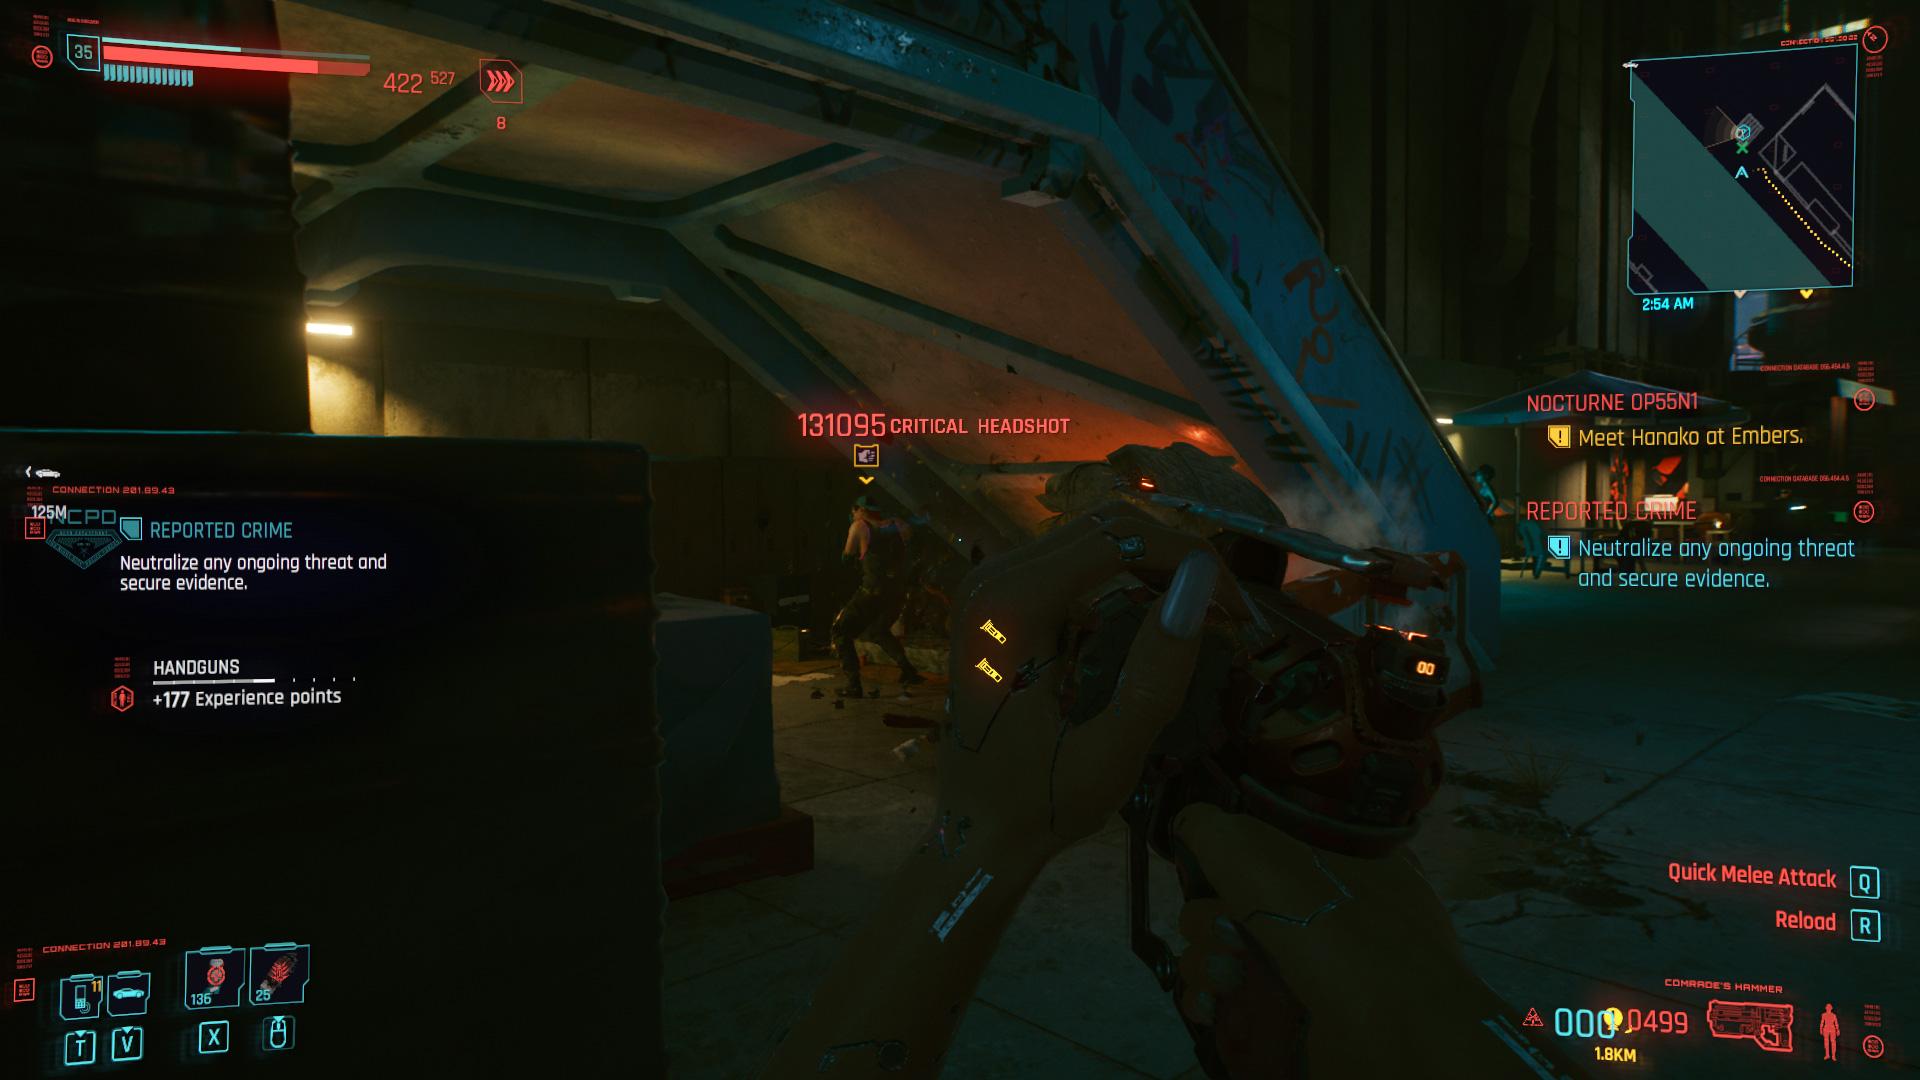 Meilleurs pistolets de Cyberpunk 2077-131 000 Crit Comrade's Hammer